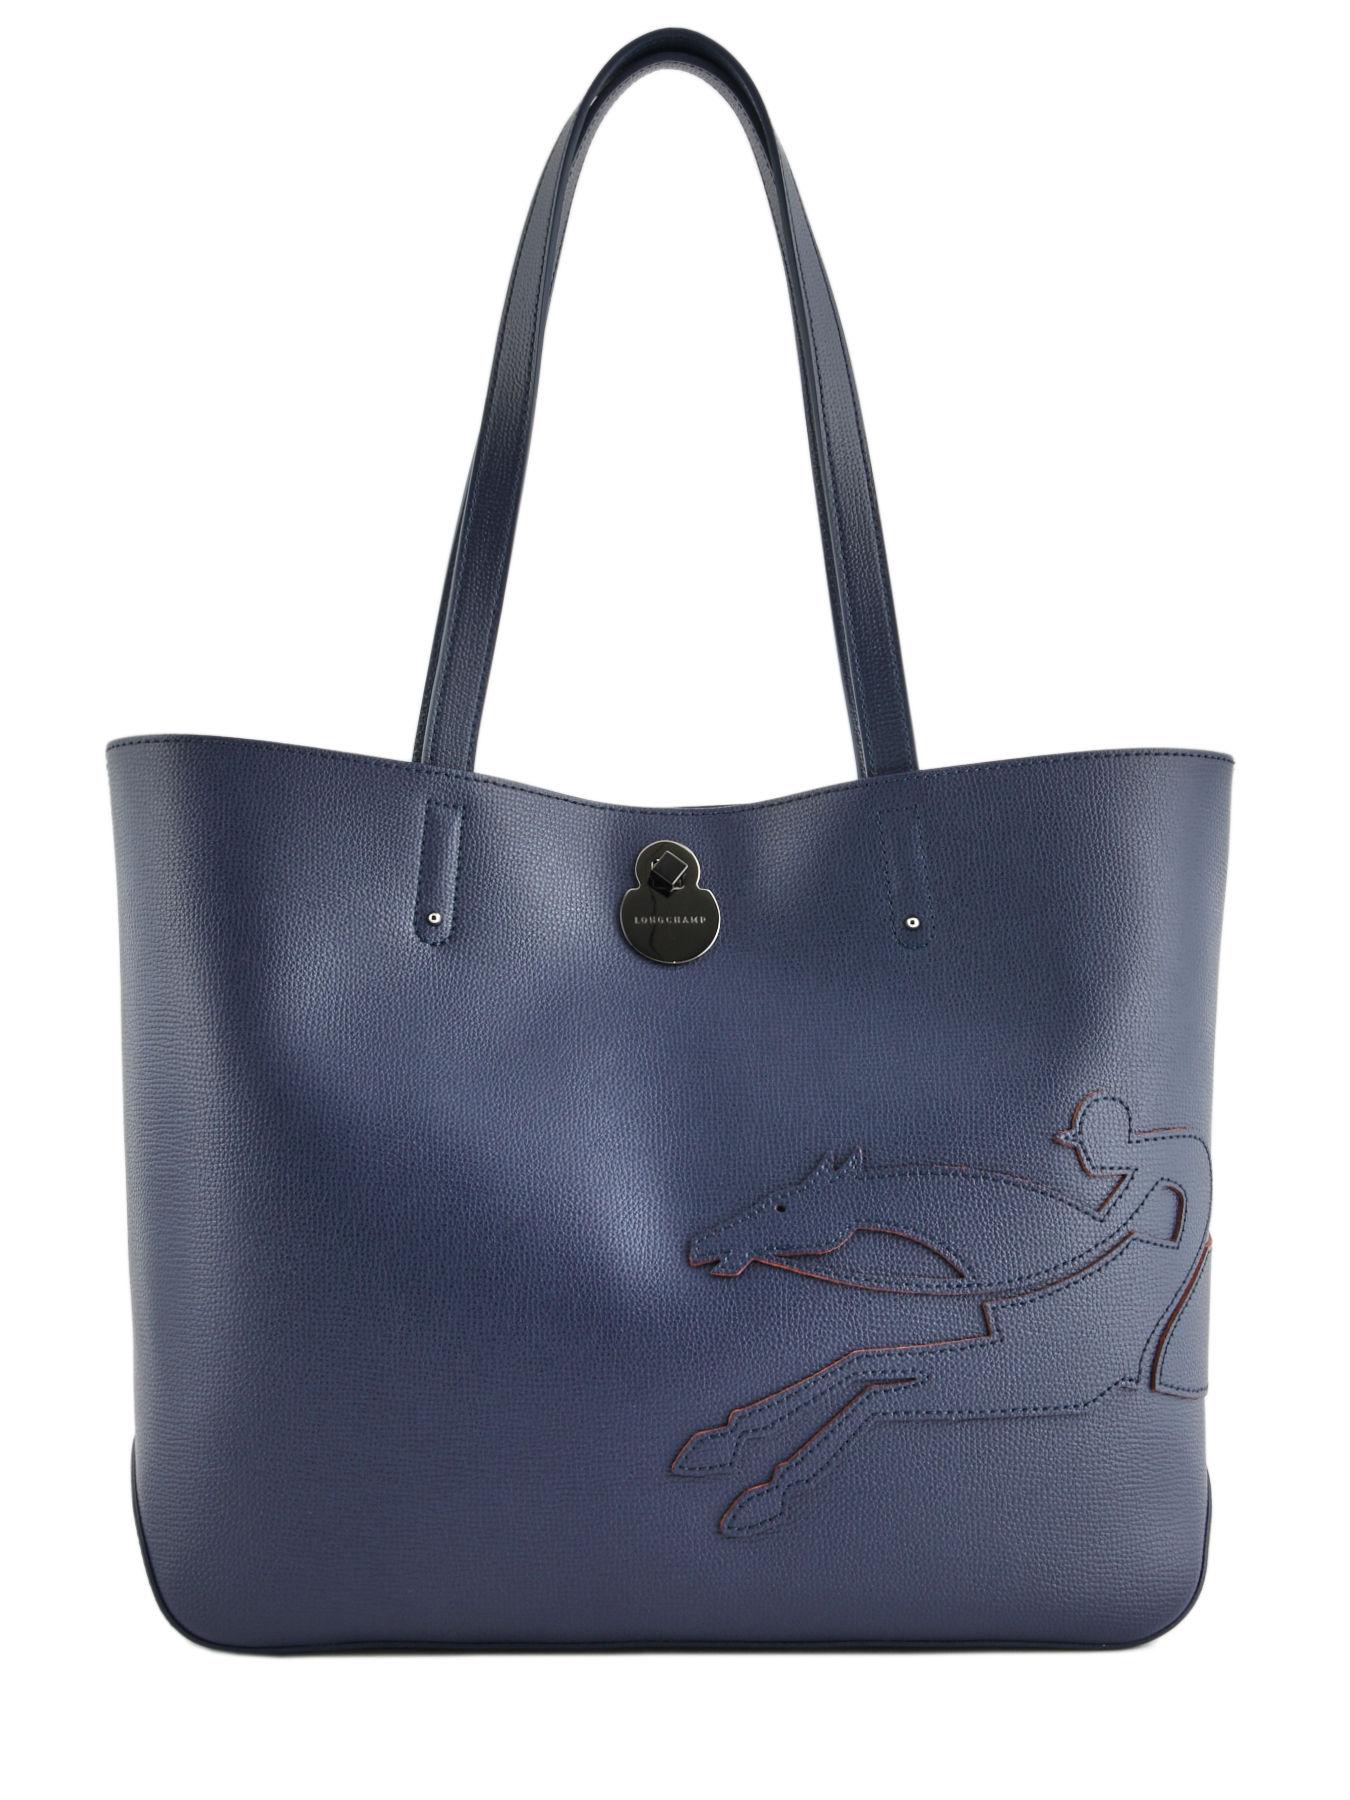 Longchamp Hobo bag 1379918 on edisac.com 71f0ec35a